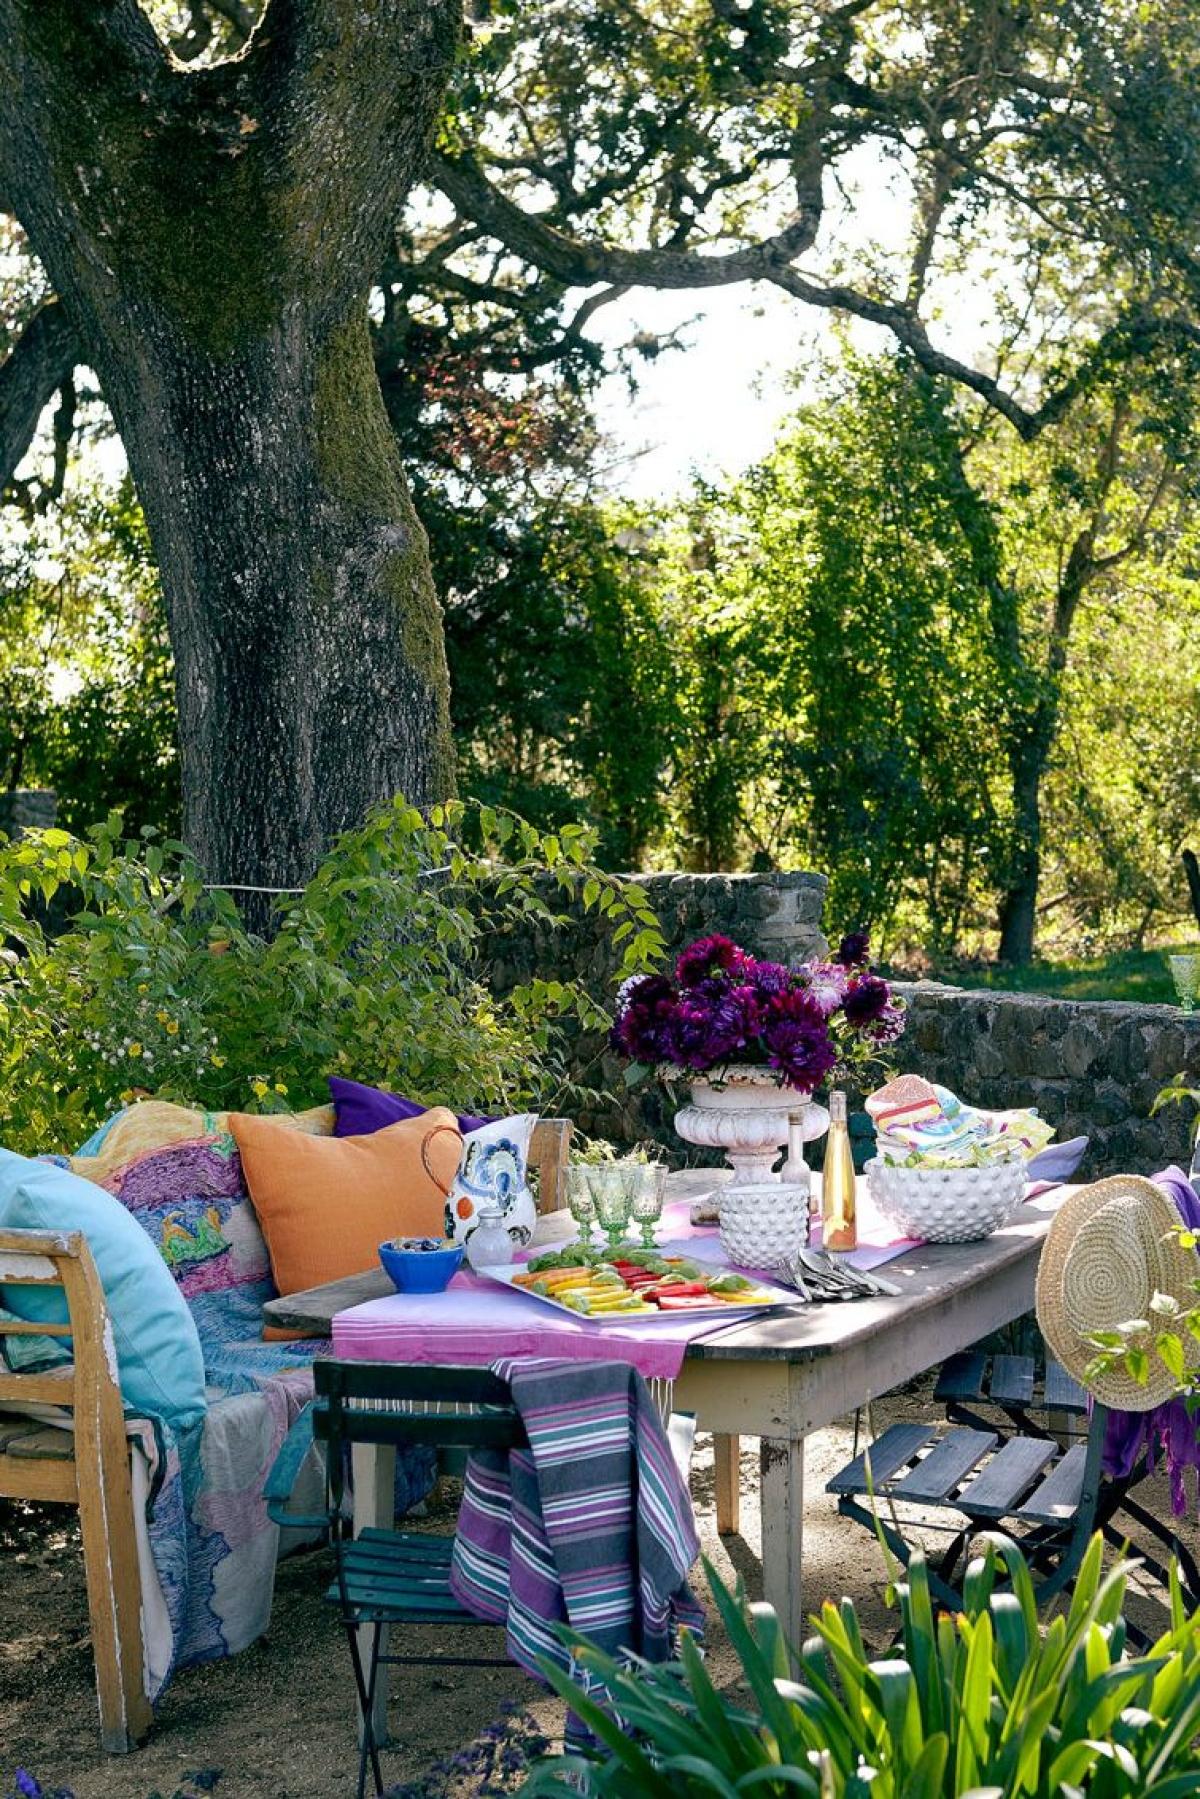 Không gian ngoài trời: Còn gì tuyệt vời hơn nếu bạn kiến tạo một góc riêng để thư giãn, đọc sách ngoài trời. Đó là bộ bàn ghế giữa vườn cây, ô to để che nắng giữa vườn cây mùa hè đầy hoa lá.